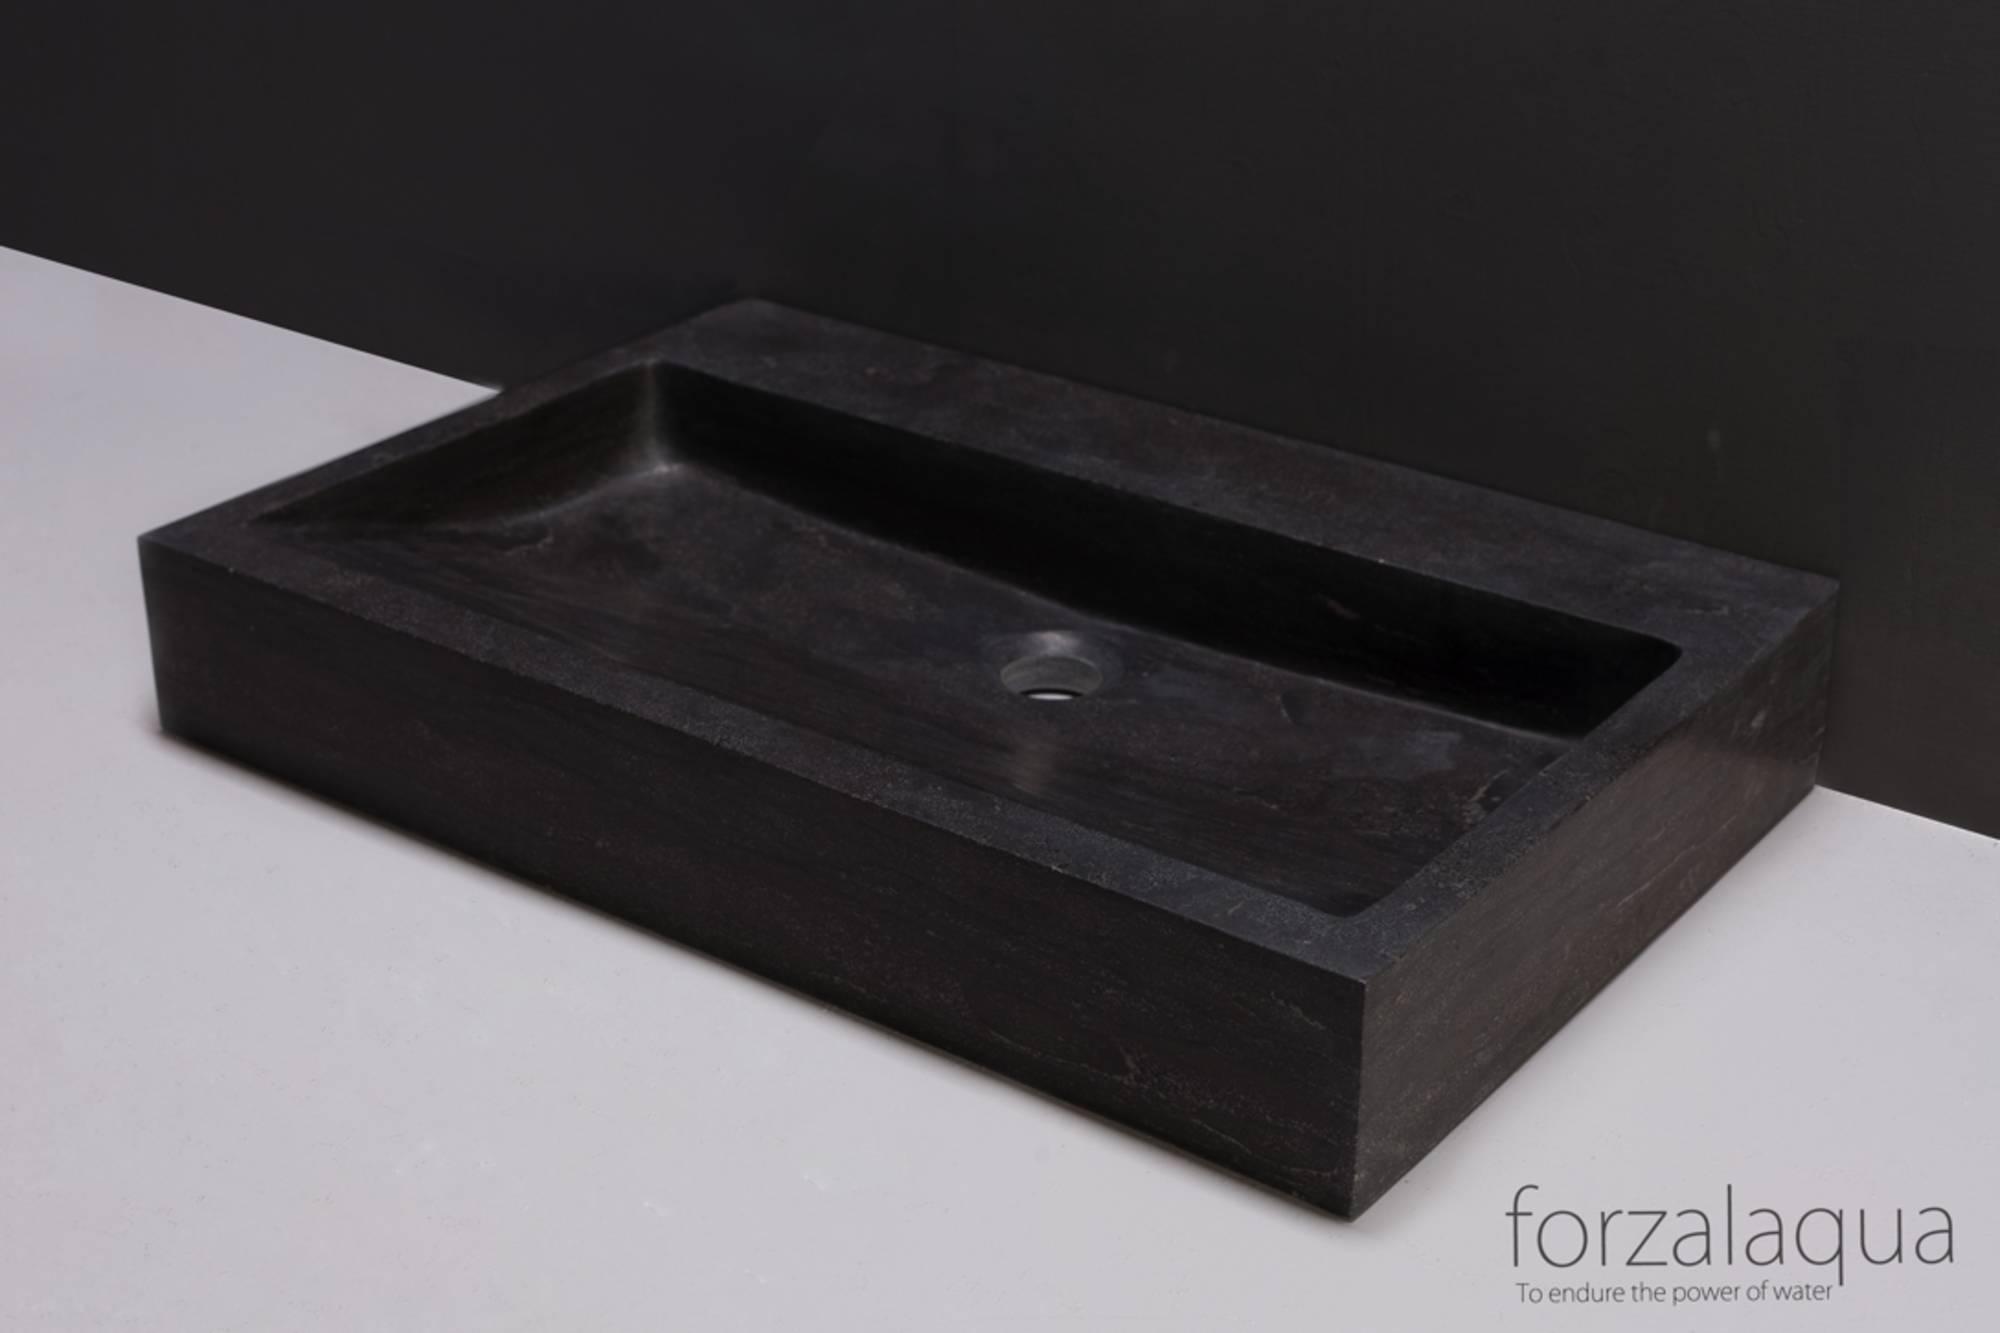 Forzalaqua Pelermo wastafel 80,5x51,5x9 cm hardsteen gezoet